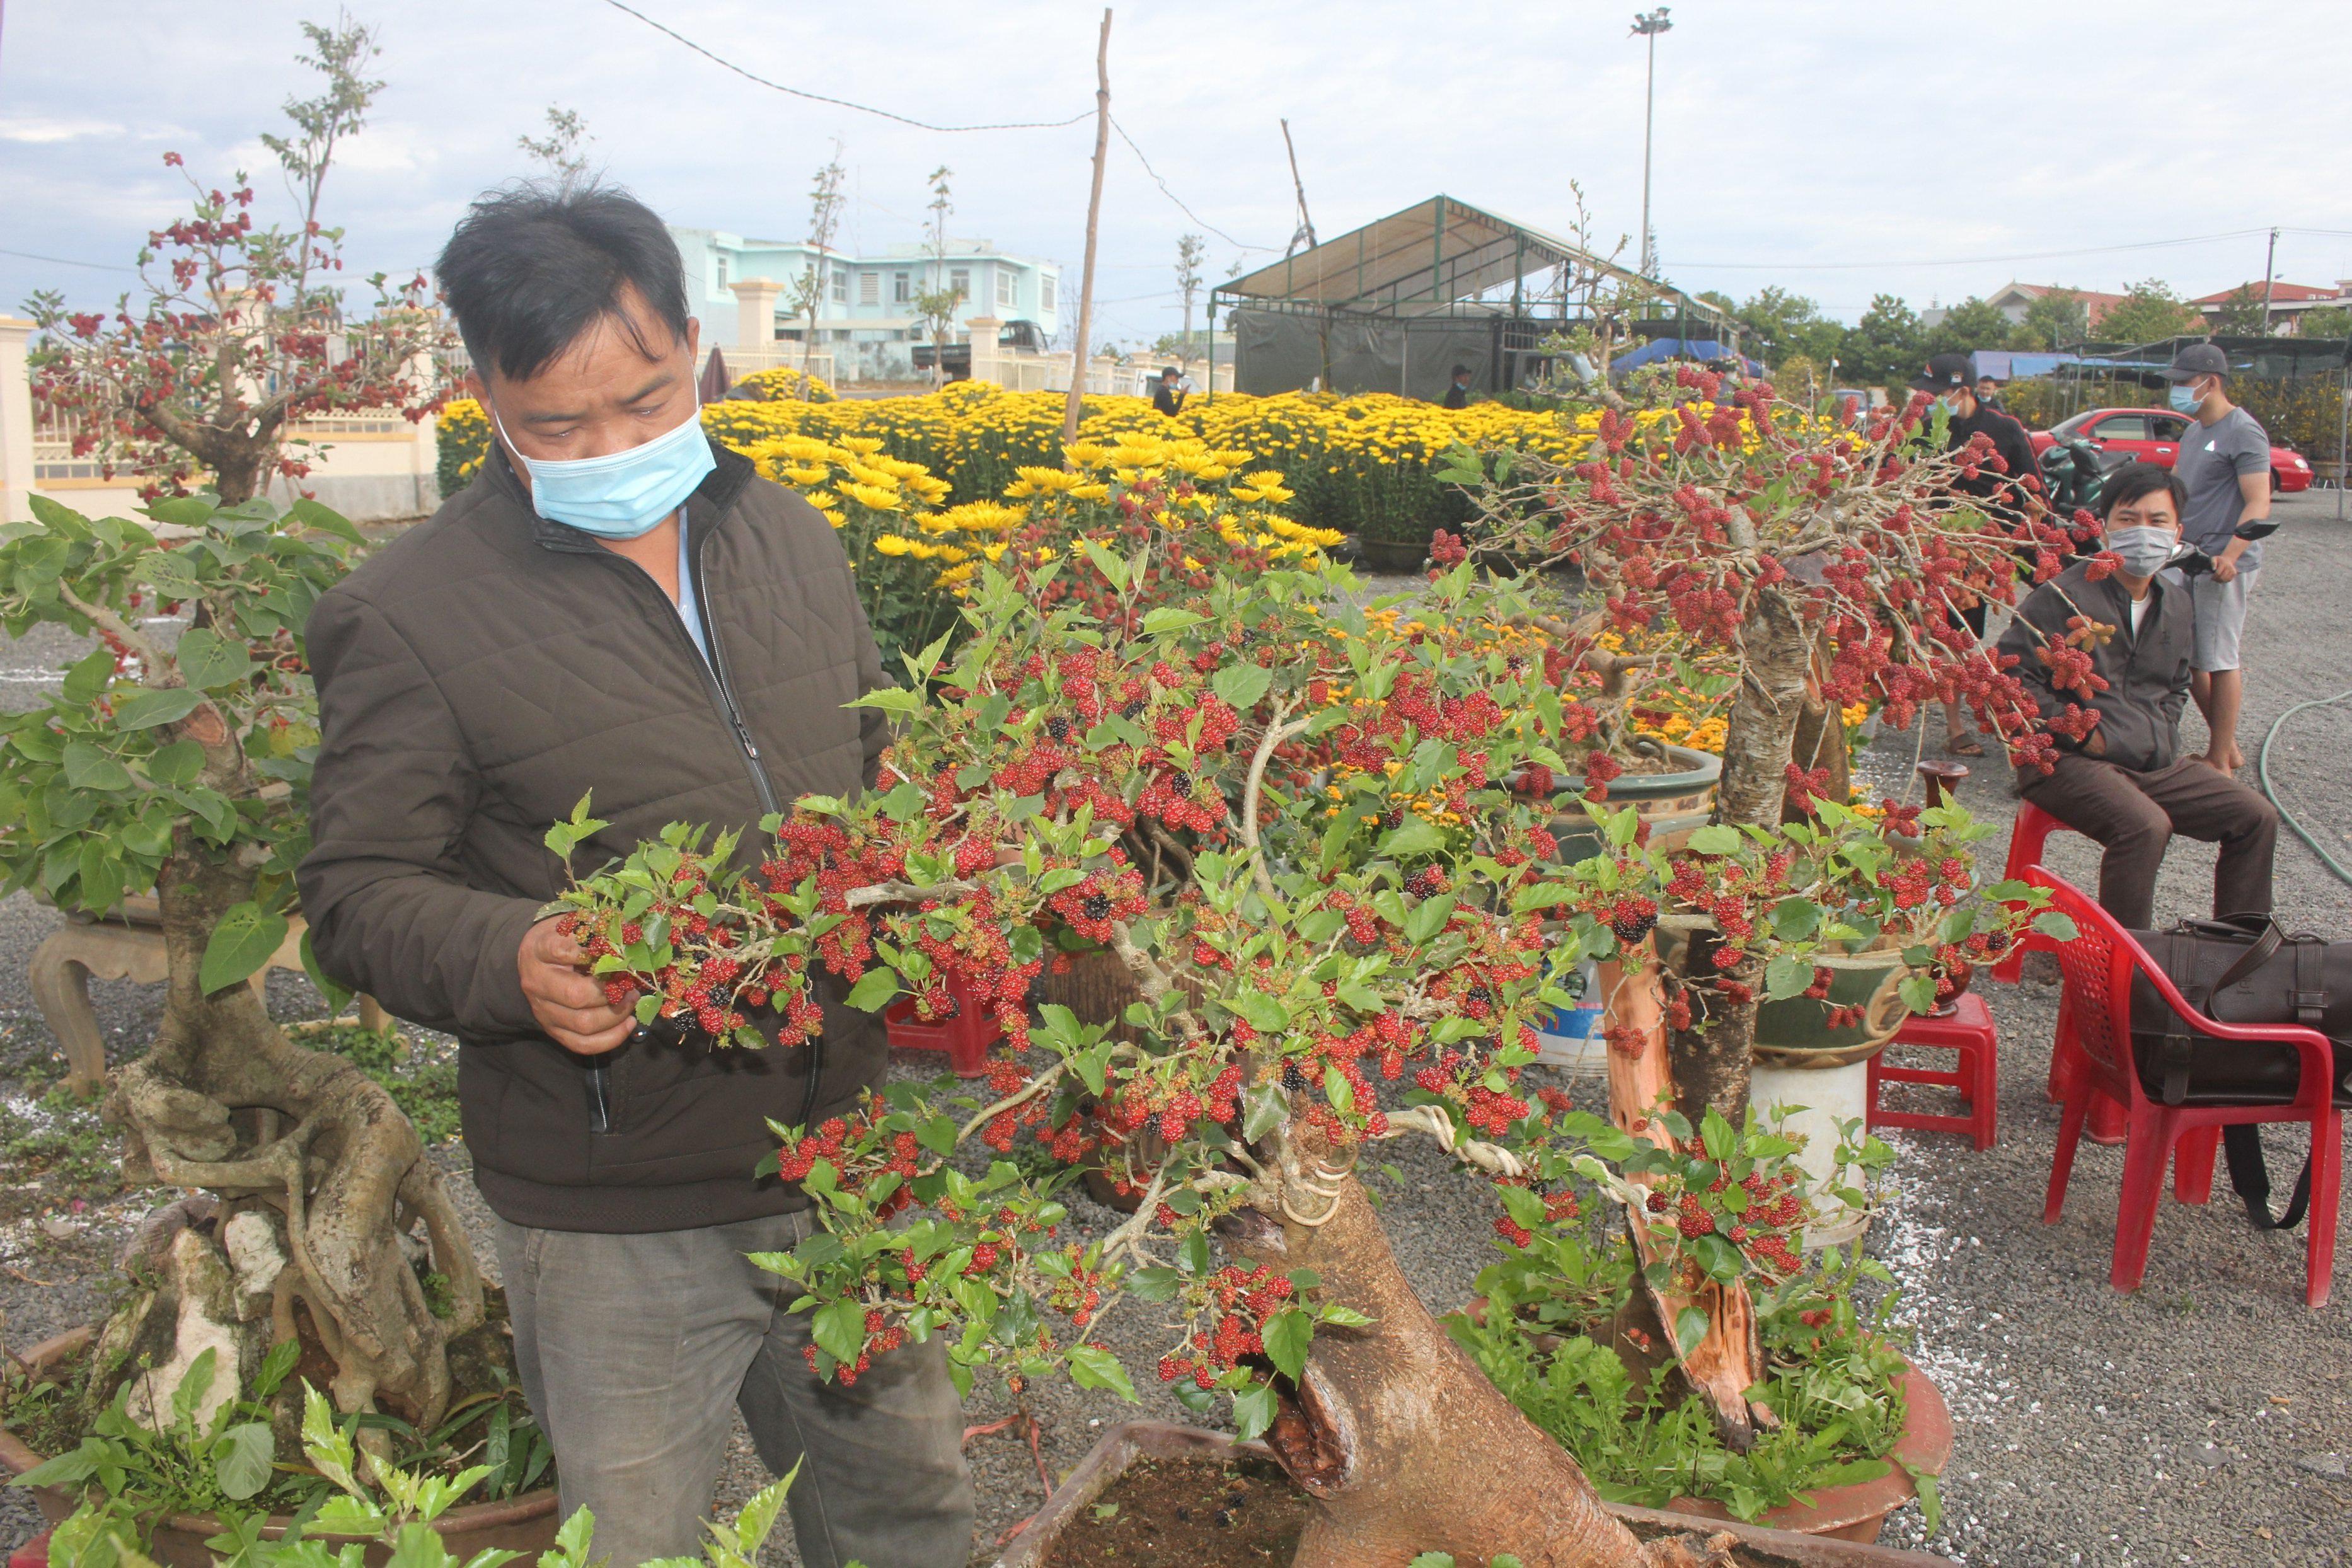 Cây dâu tằm nhuộm đỏ quả chín độc đáo hút khách chợ xuân - 1